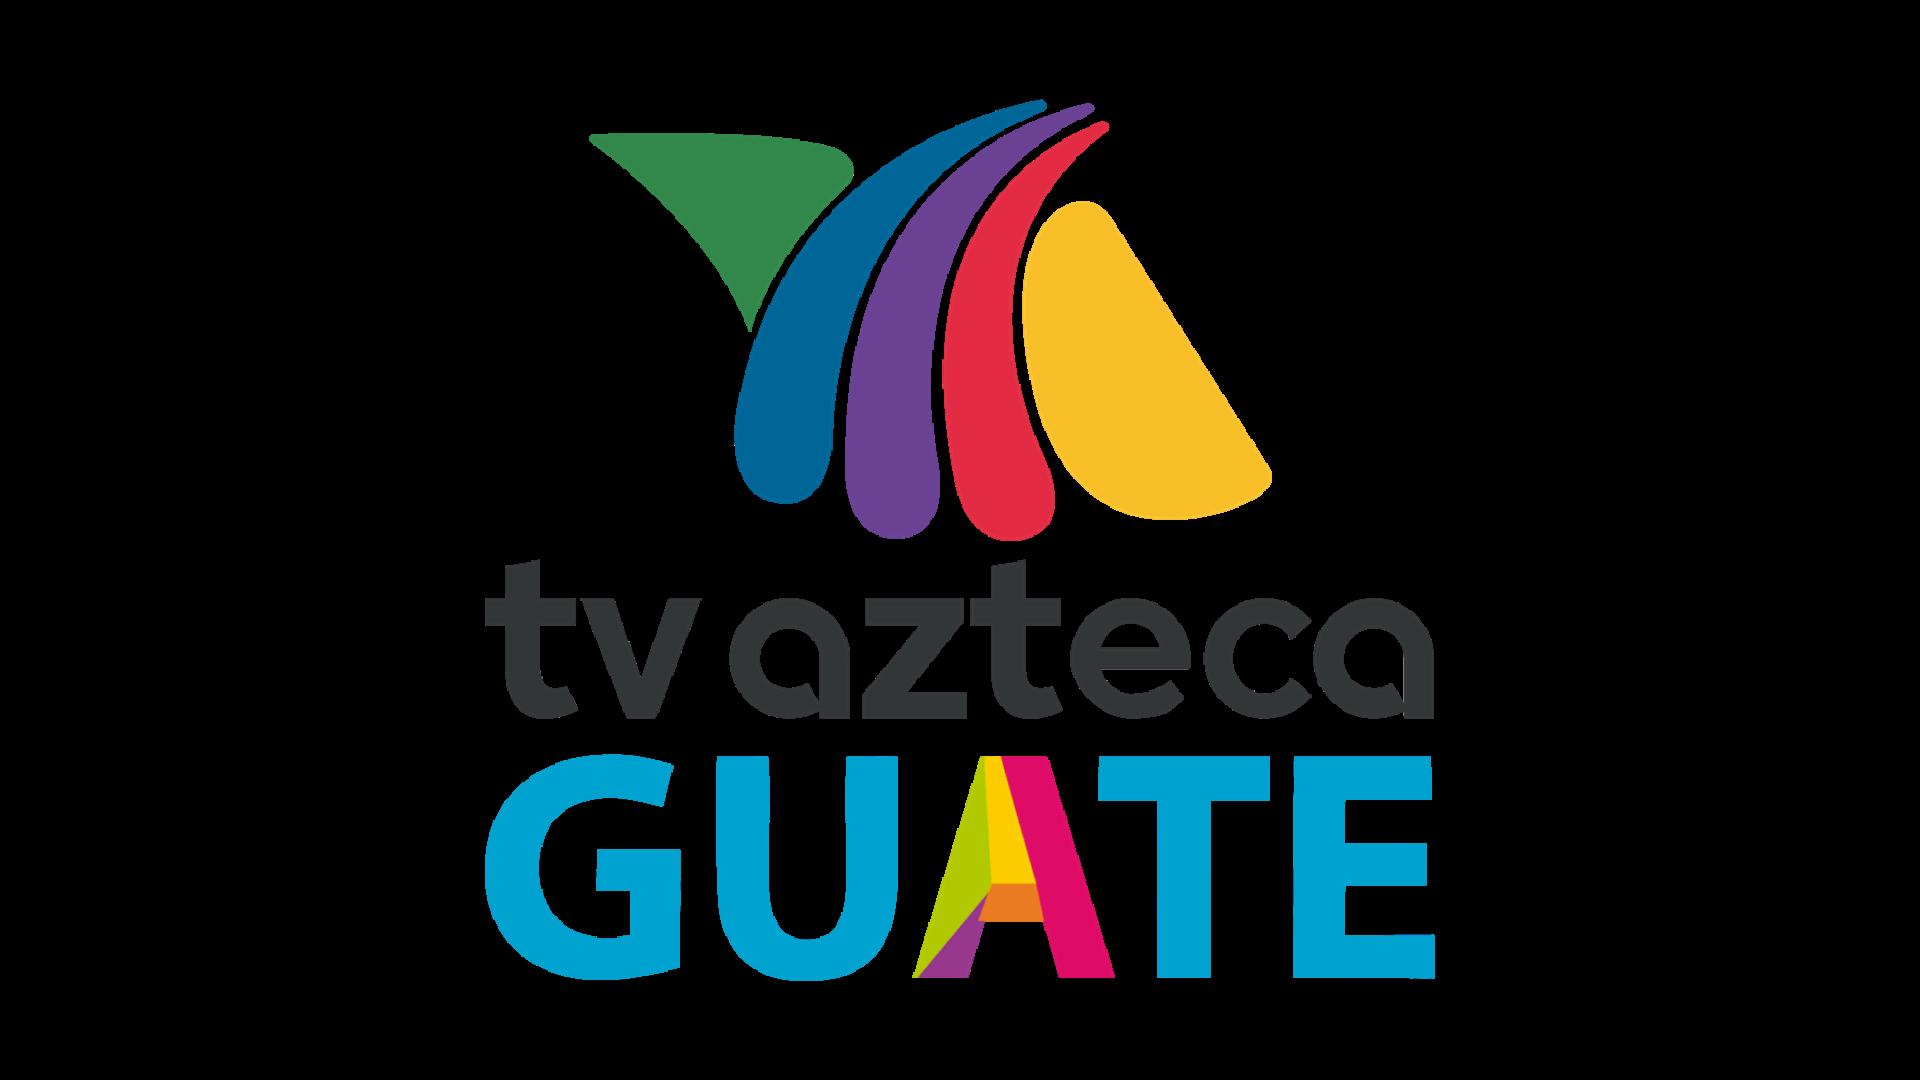 Azteca Guatemala